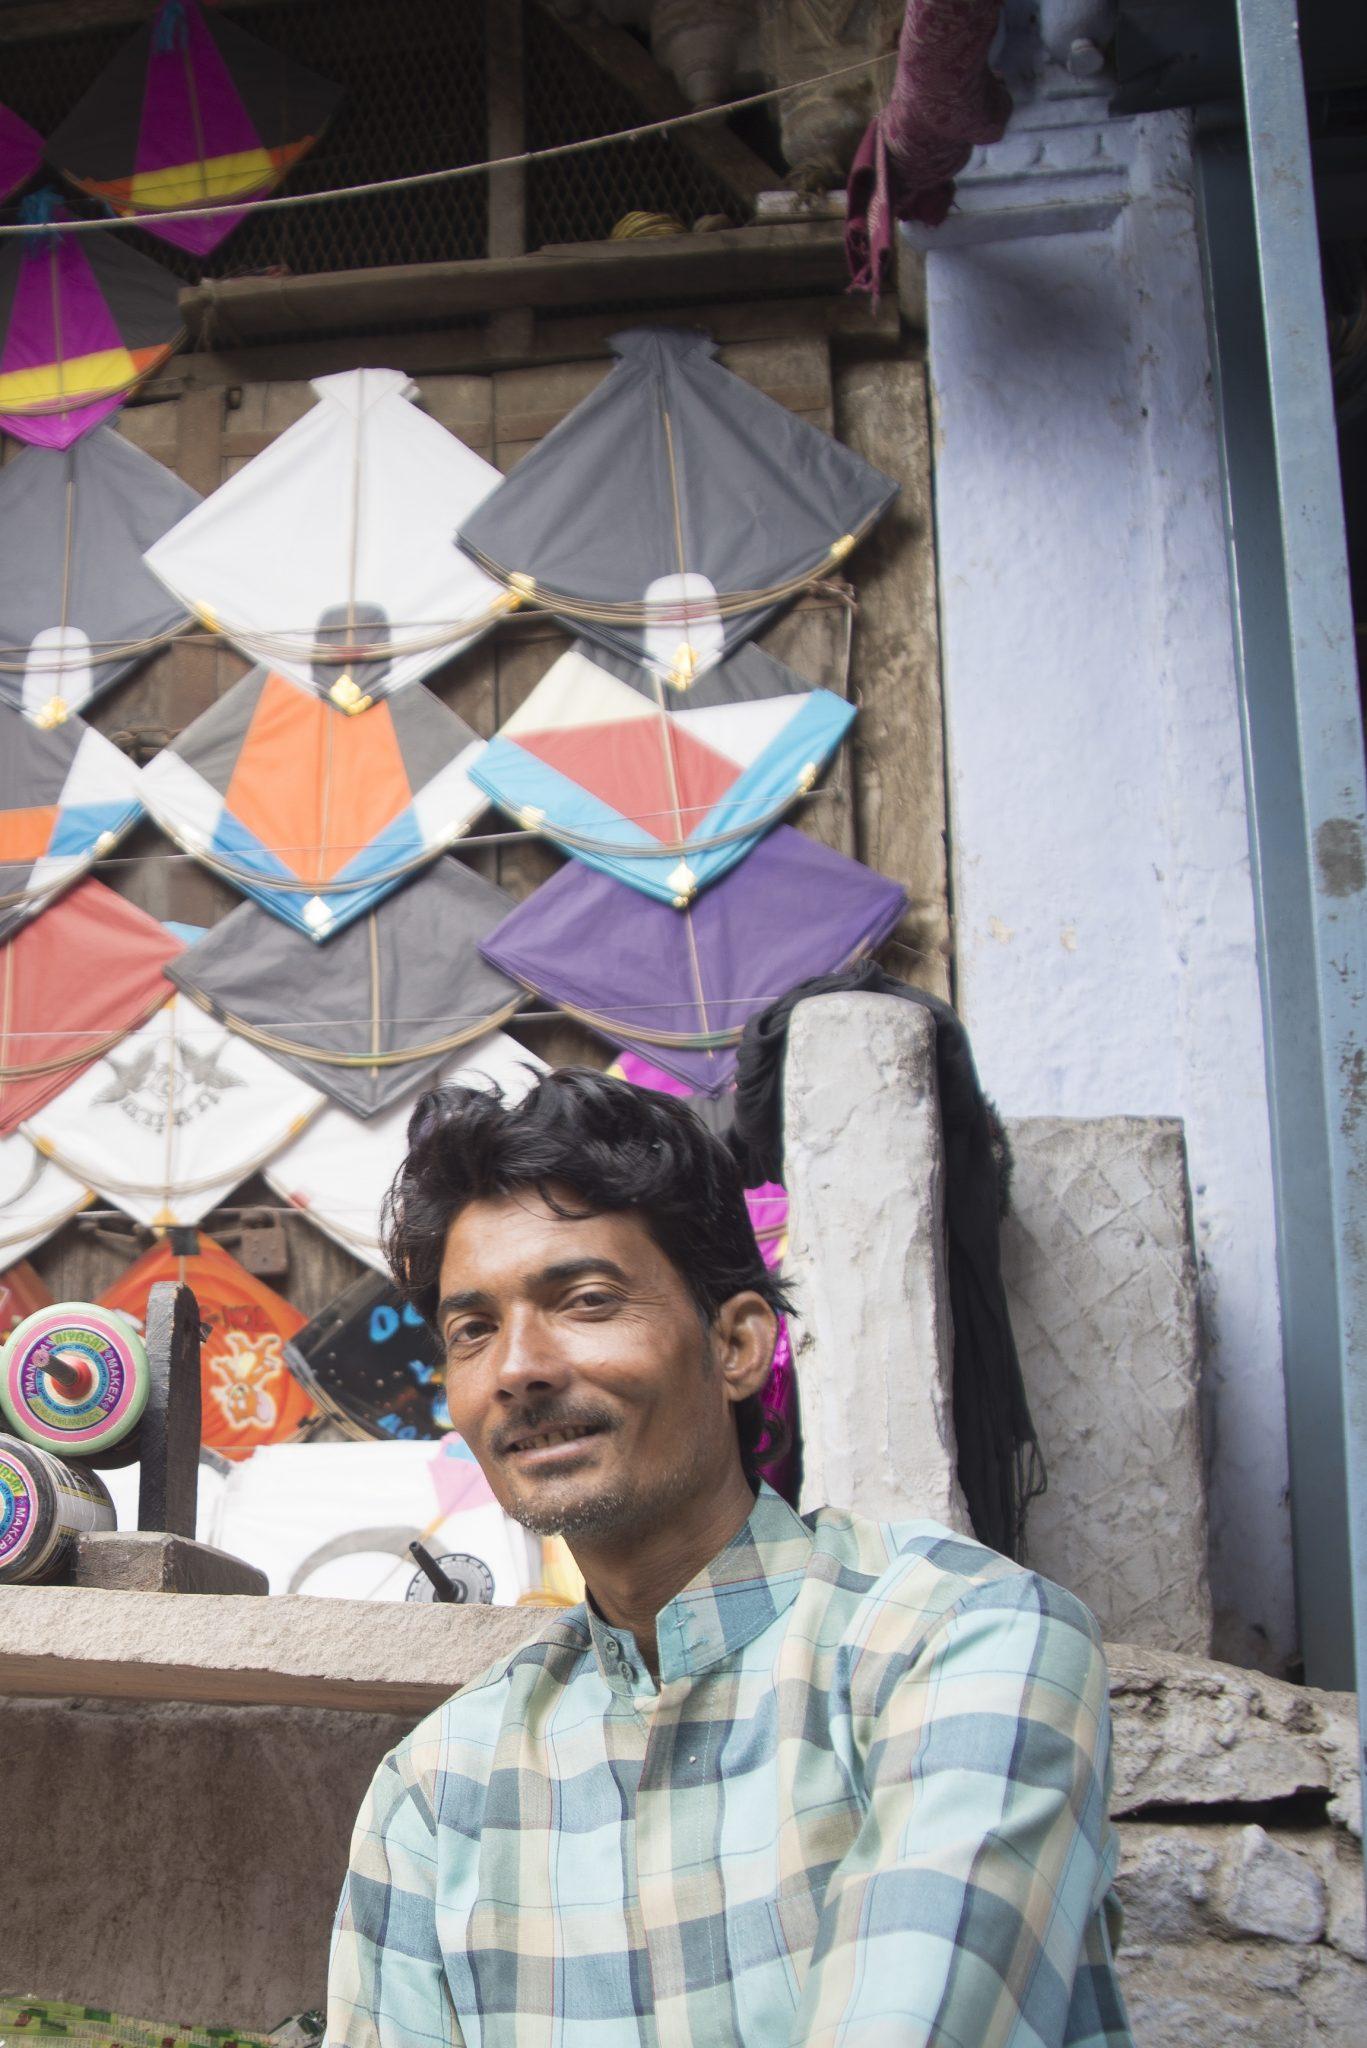 旅人攝影藝廊-Bundi blue II 風箏節